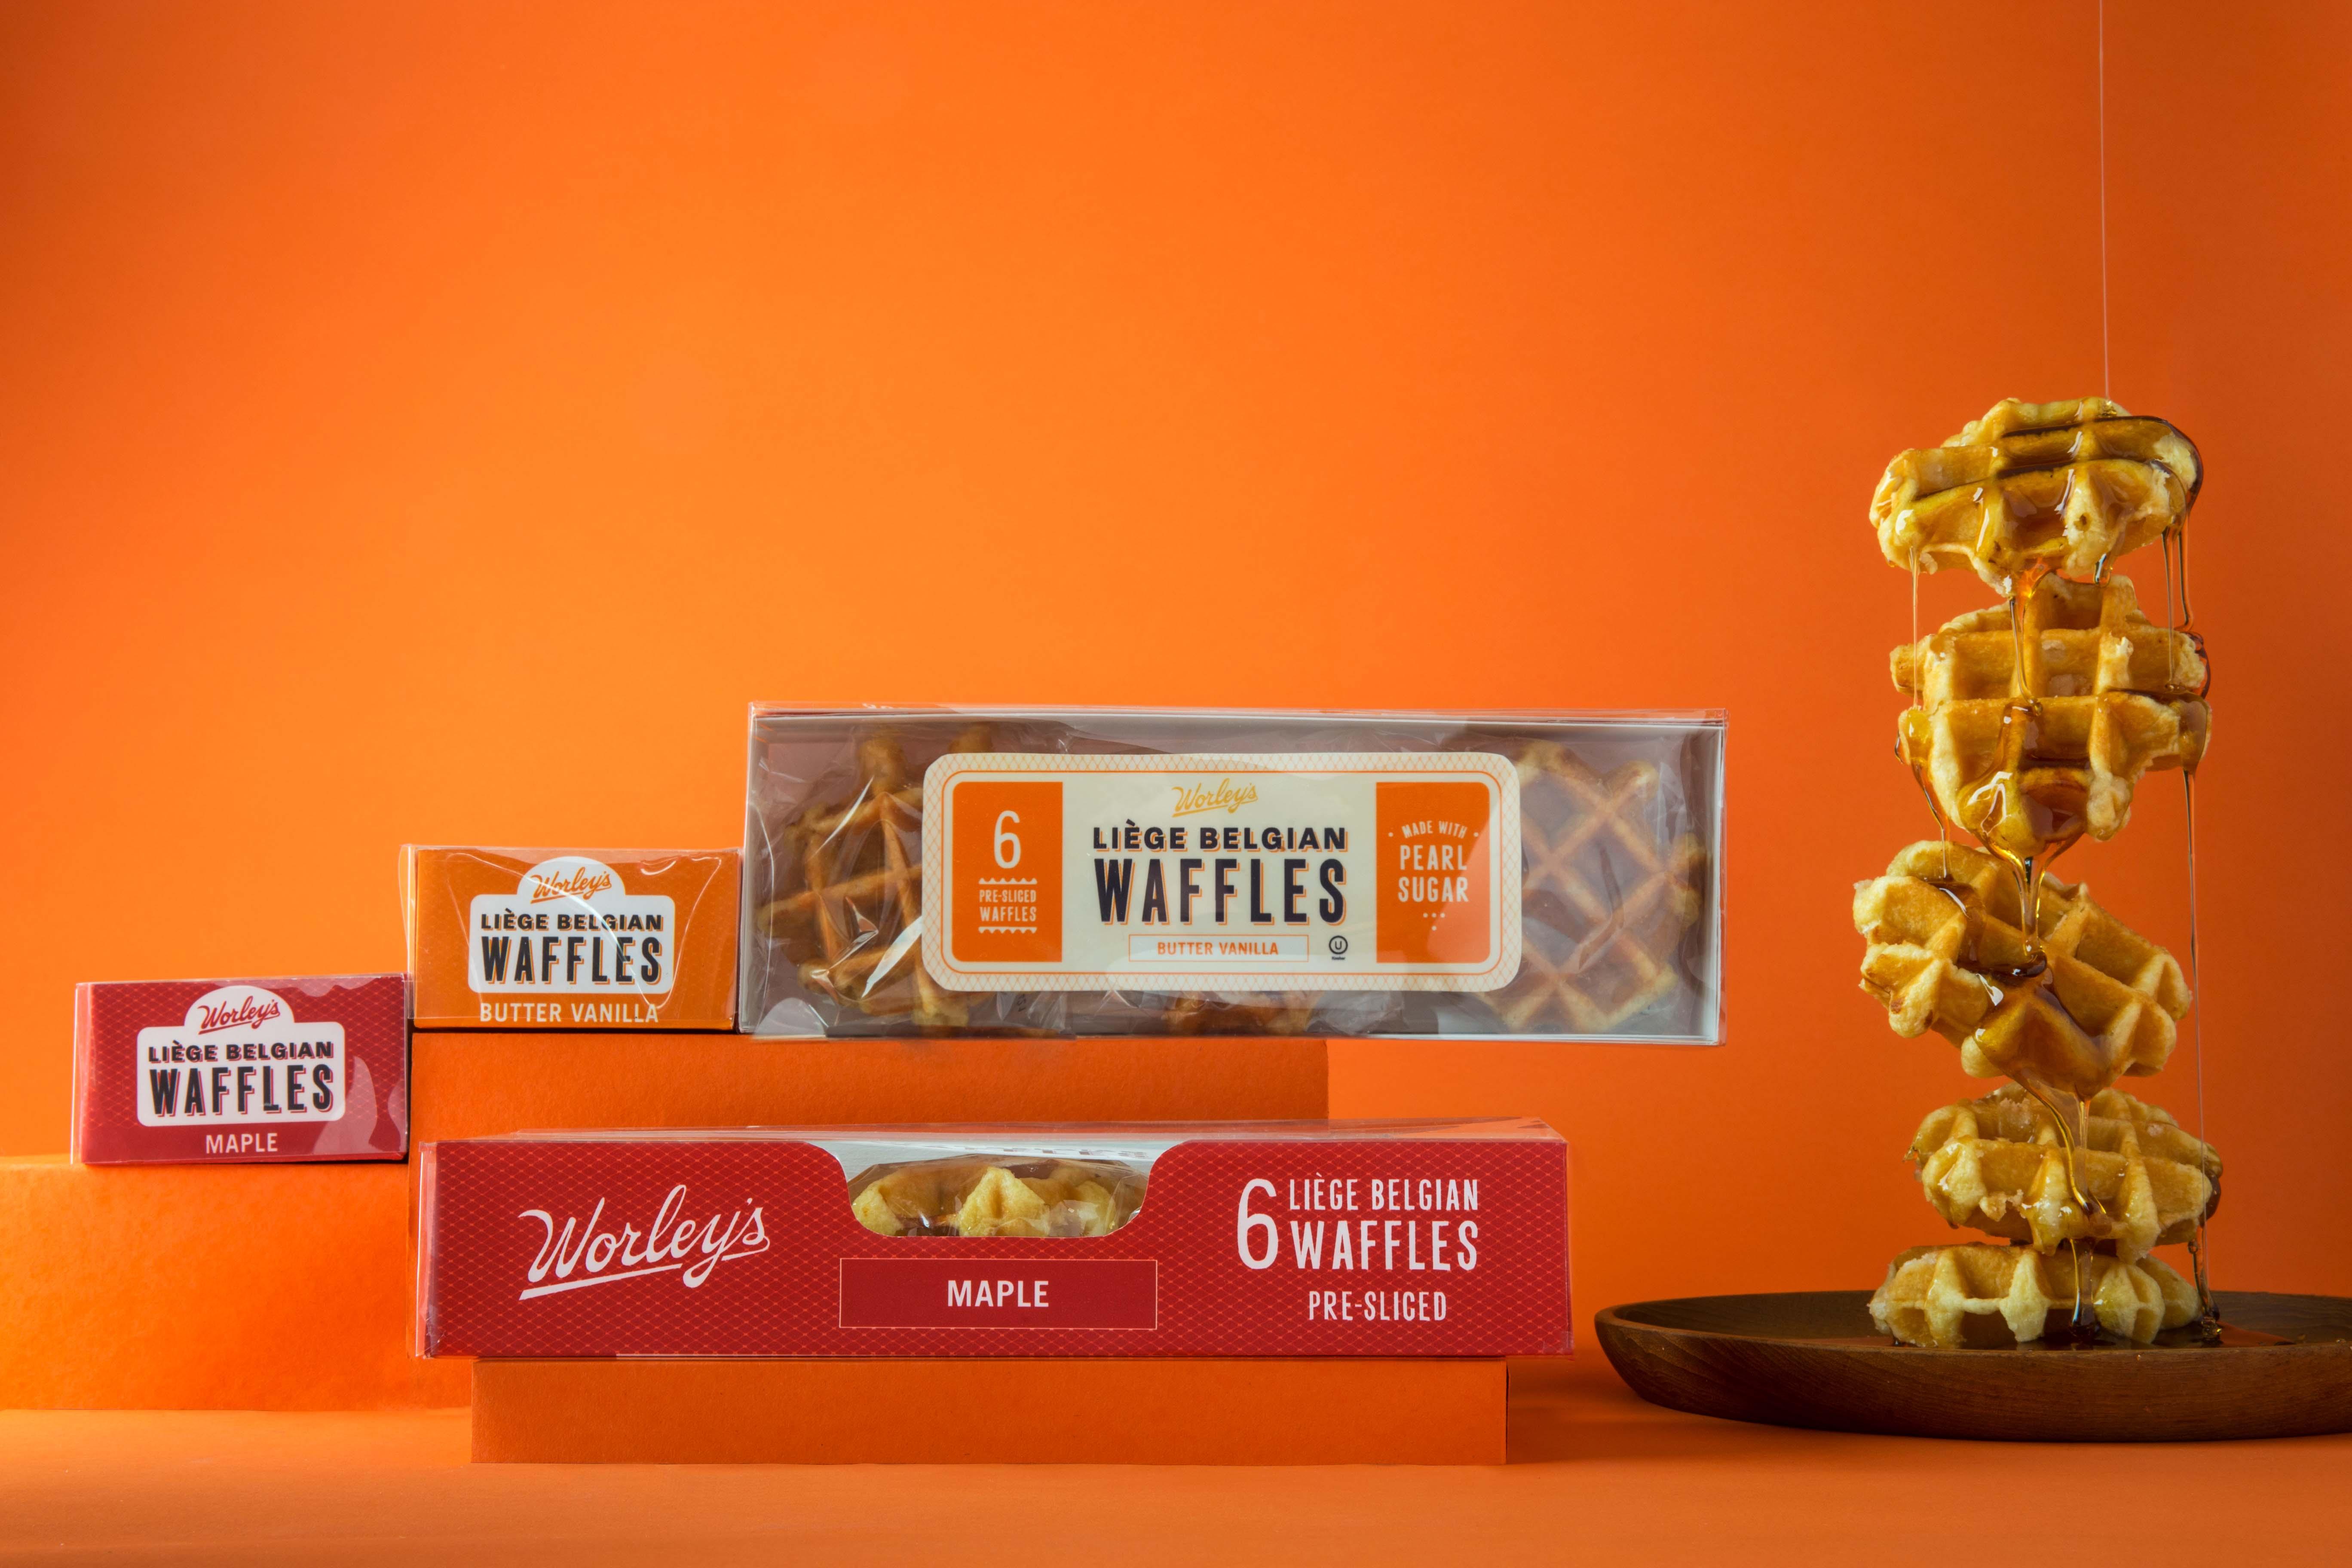 Worley's Liege Belgian Waffles